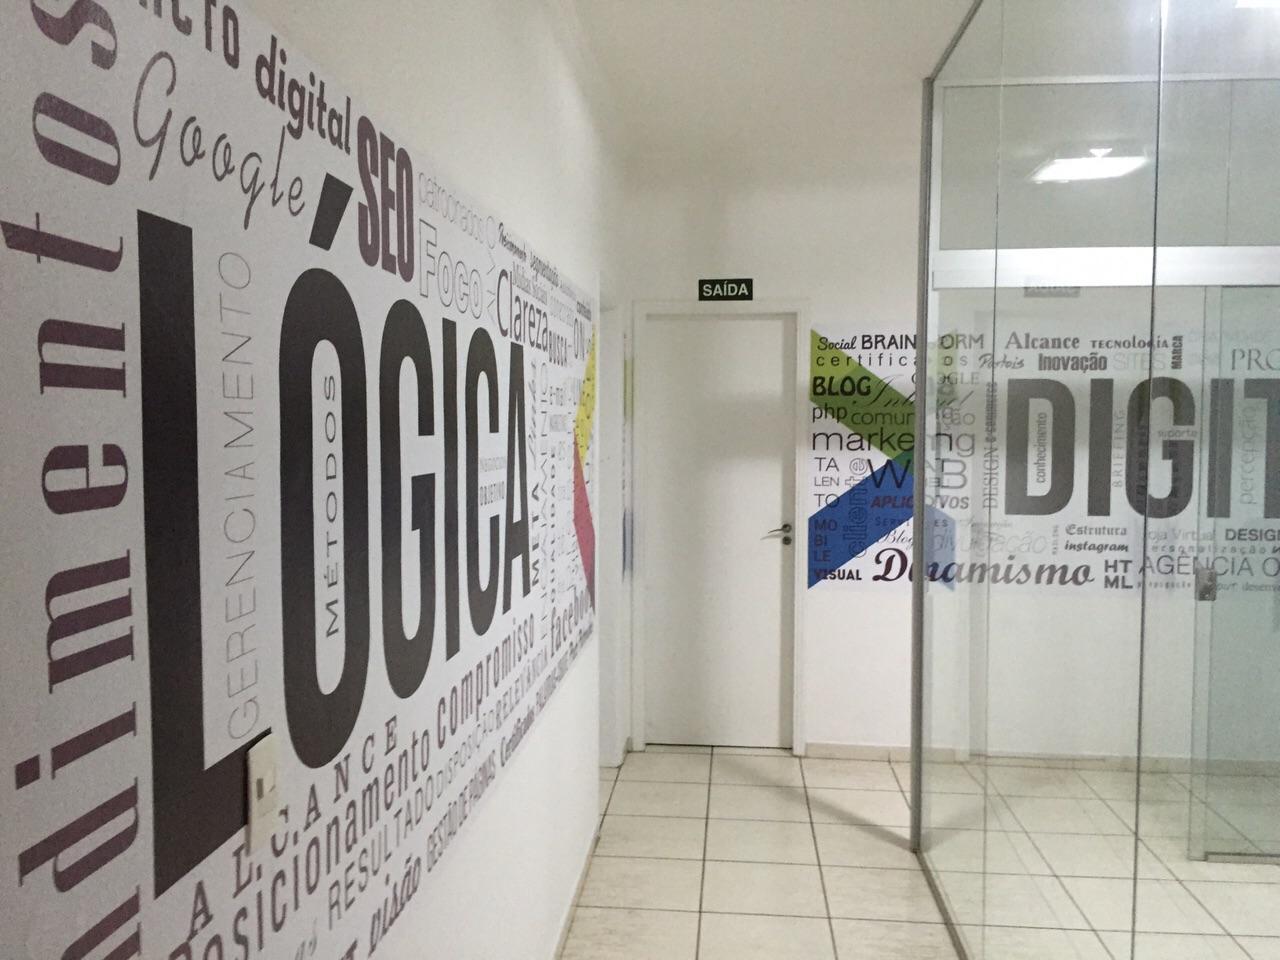 Adesivo instalado em sala de reunião na empresa Lógica Digital